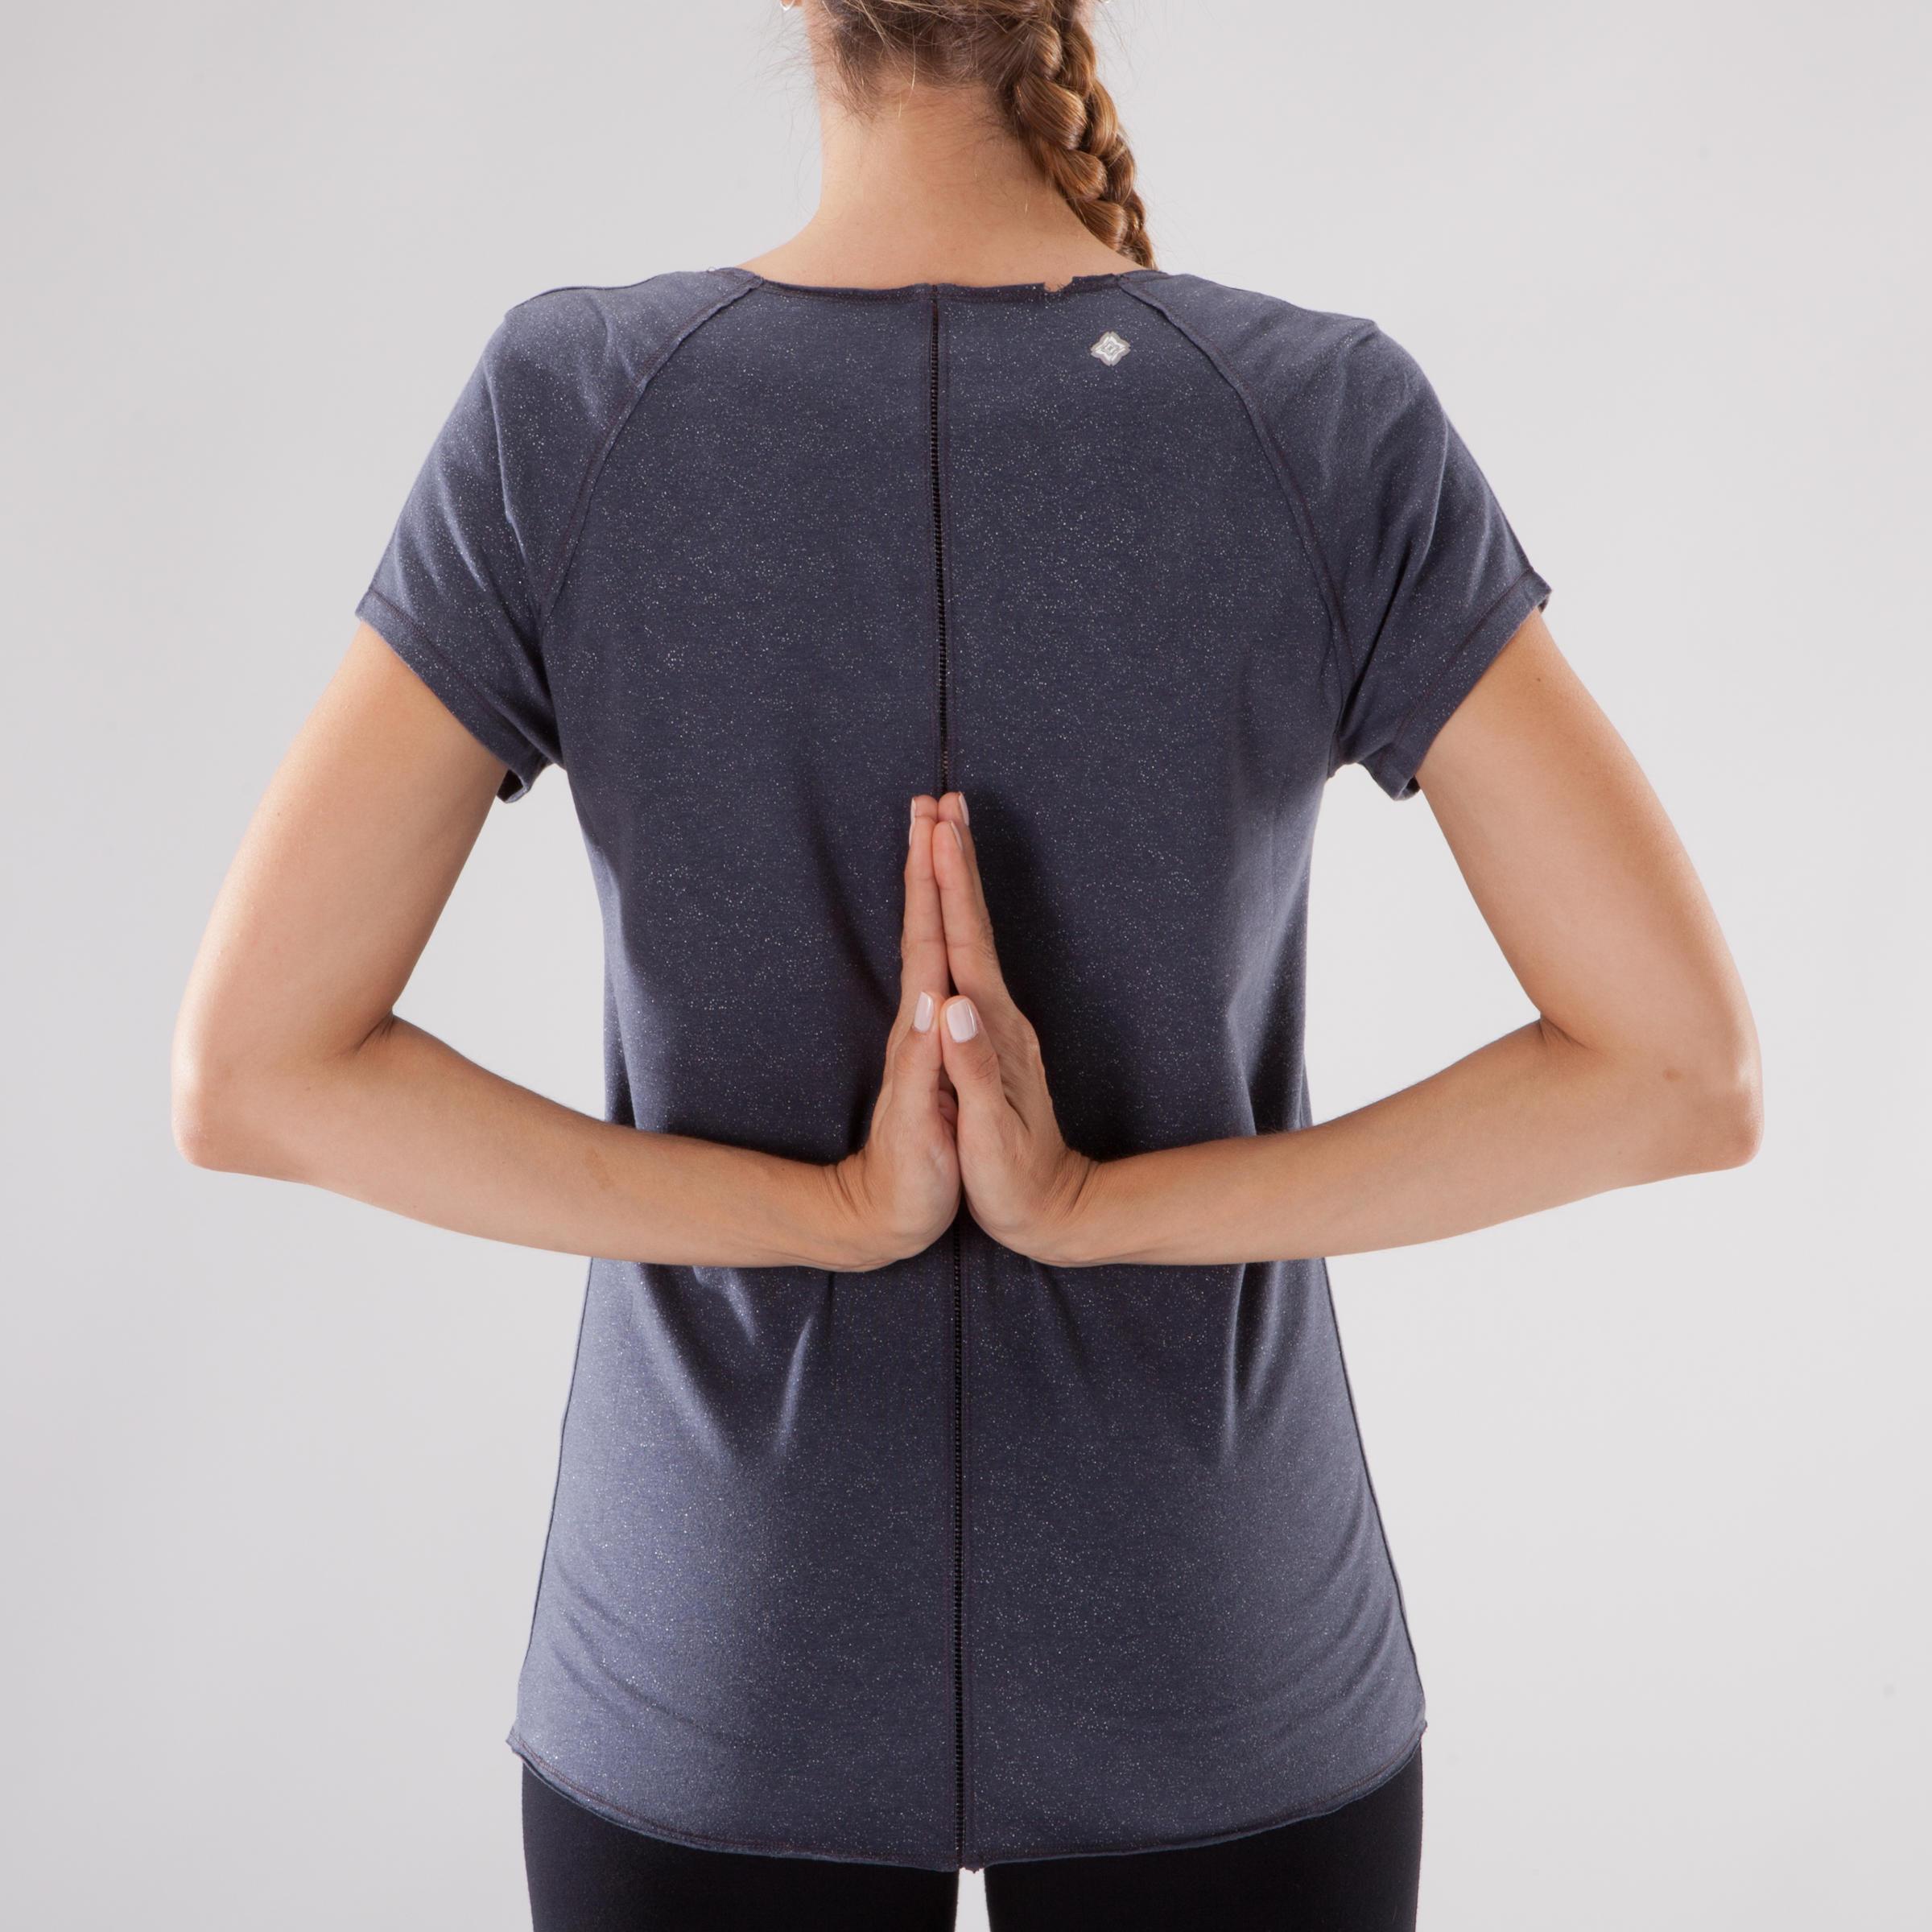 Women's Organic Cotton Gentle Yoga T-Shirt - Grey